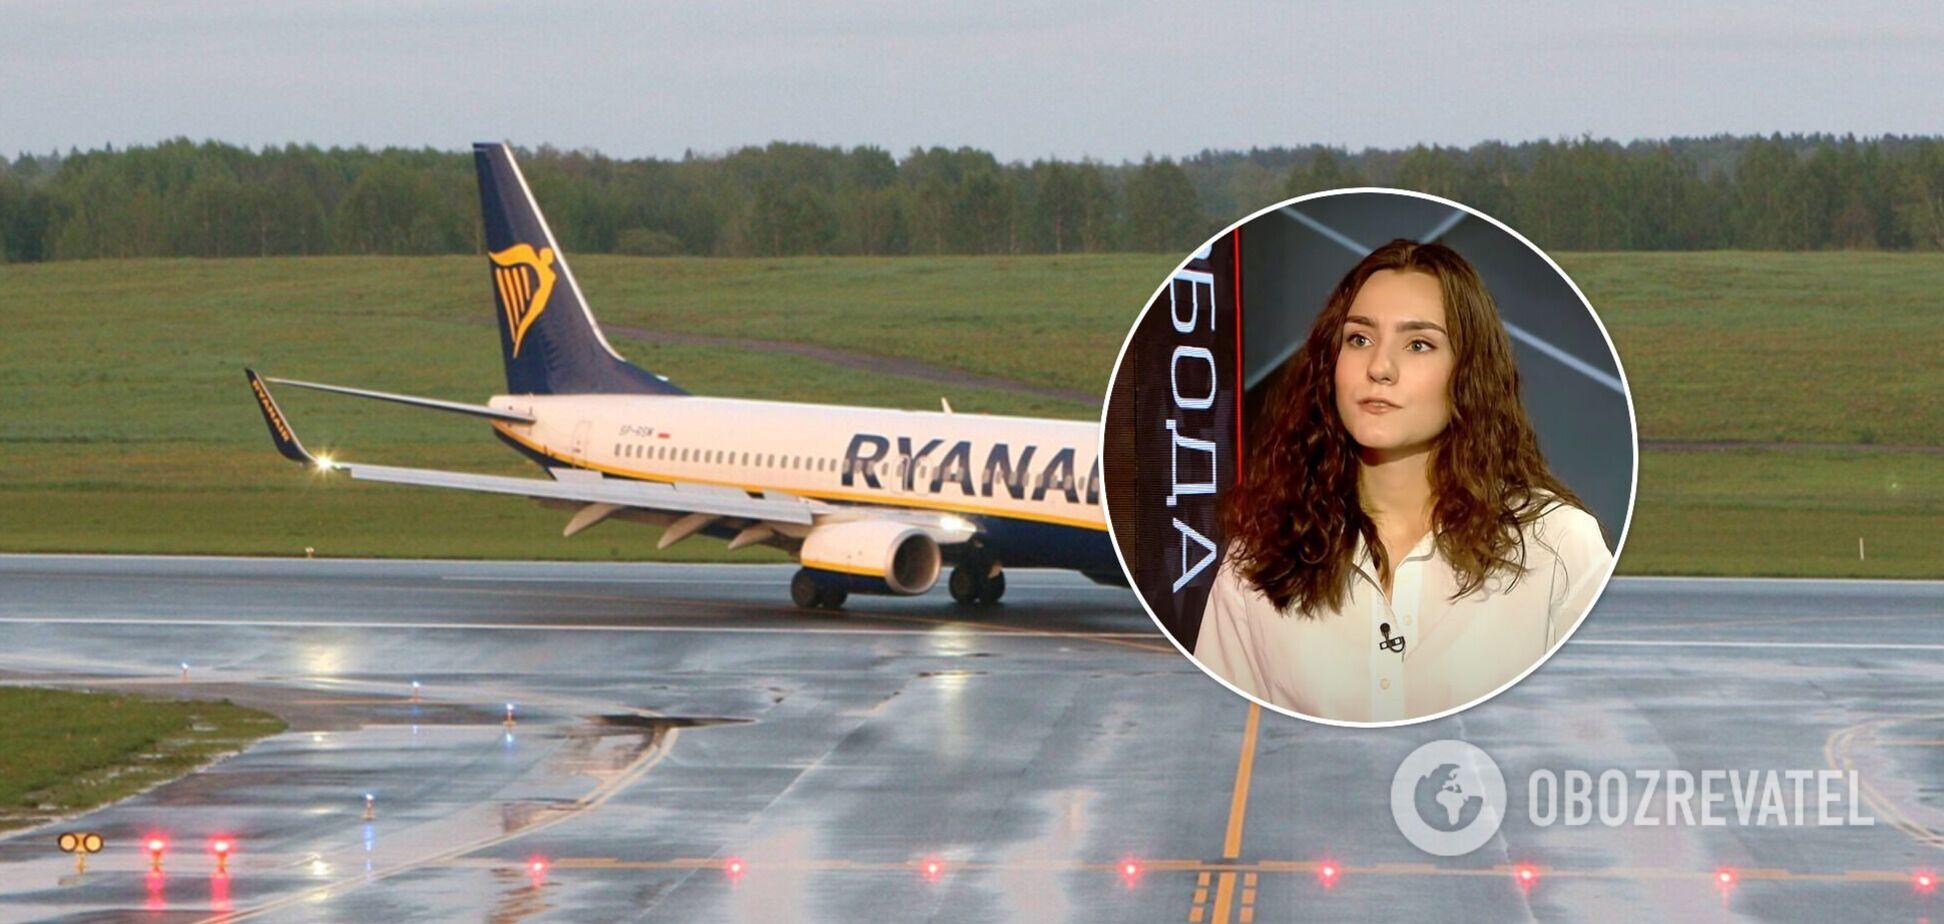 Девушка Протасевича заявила госТВ Беларуси, что к посадке самолета Ryanair причастны его экс-коллеги. Видео